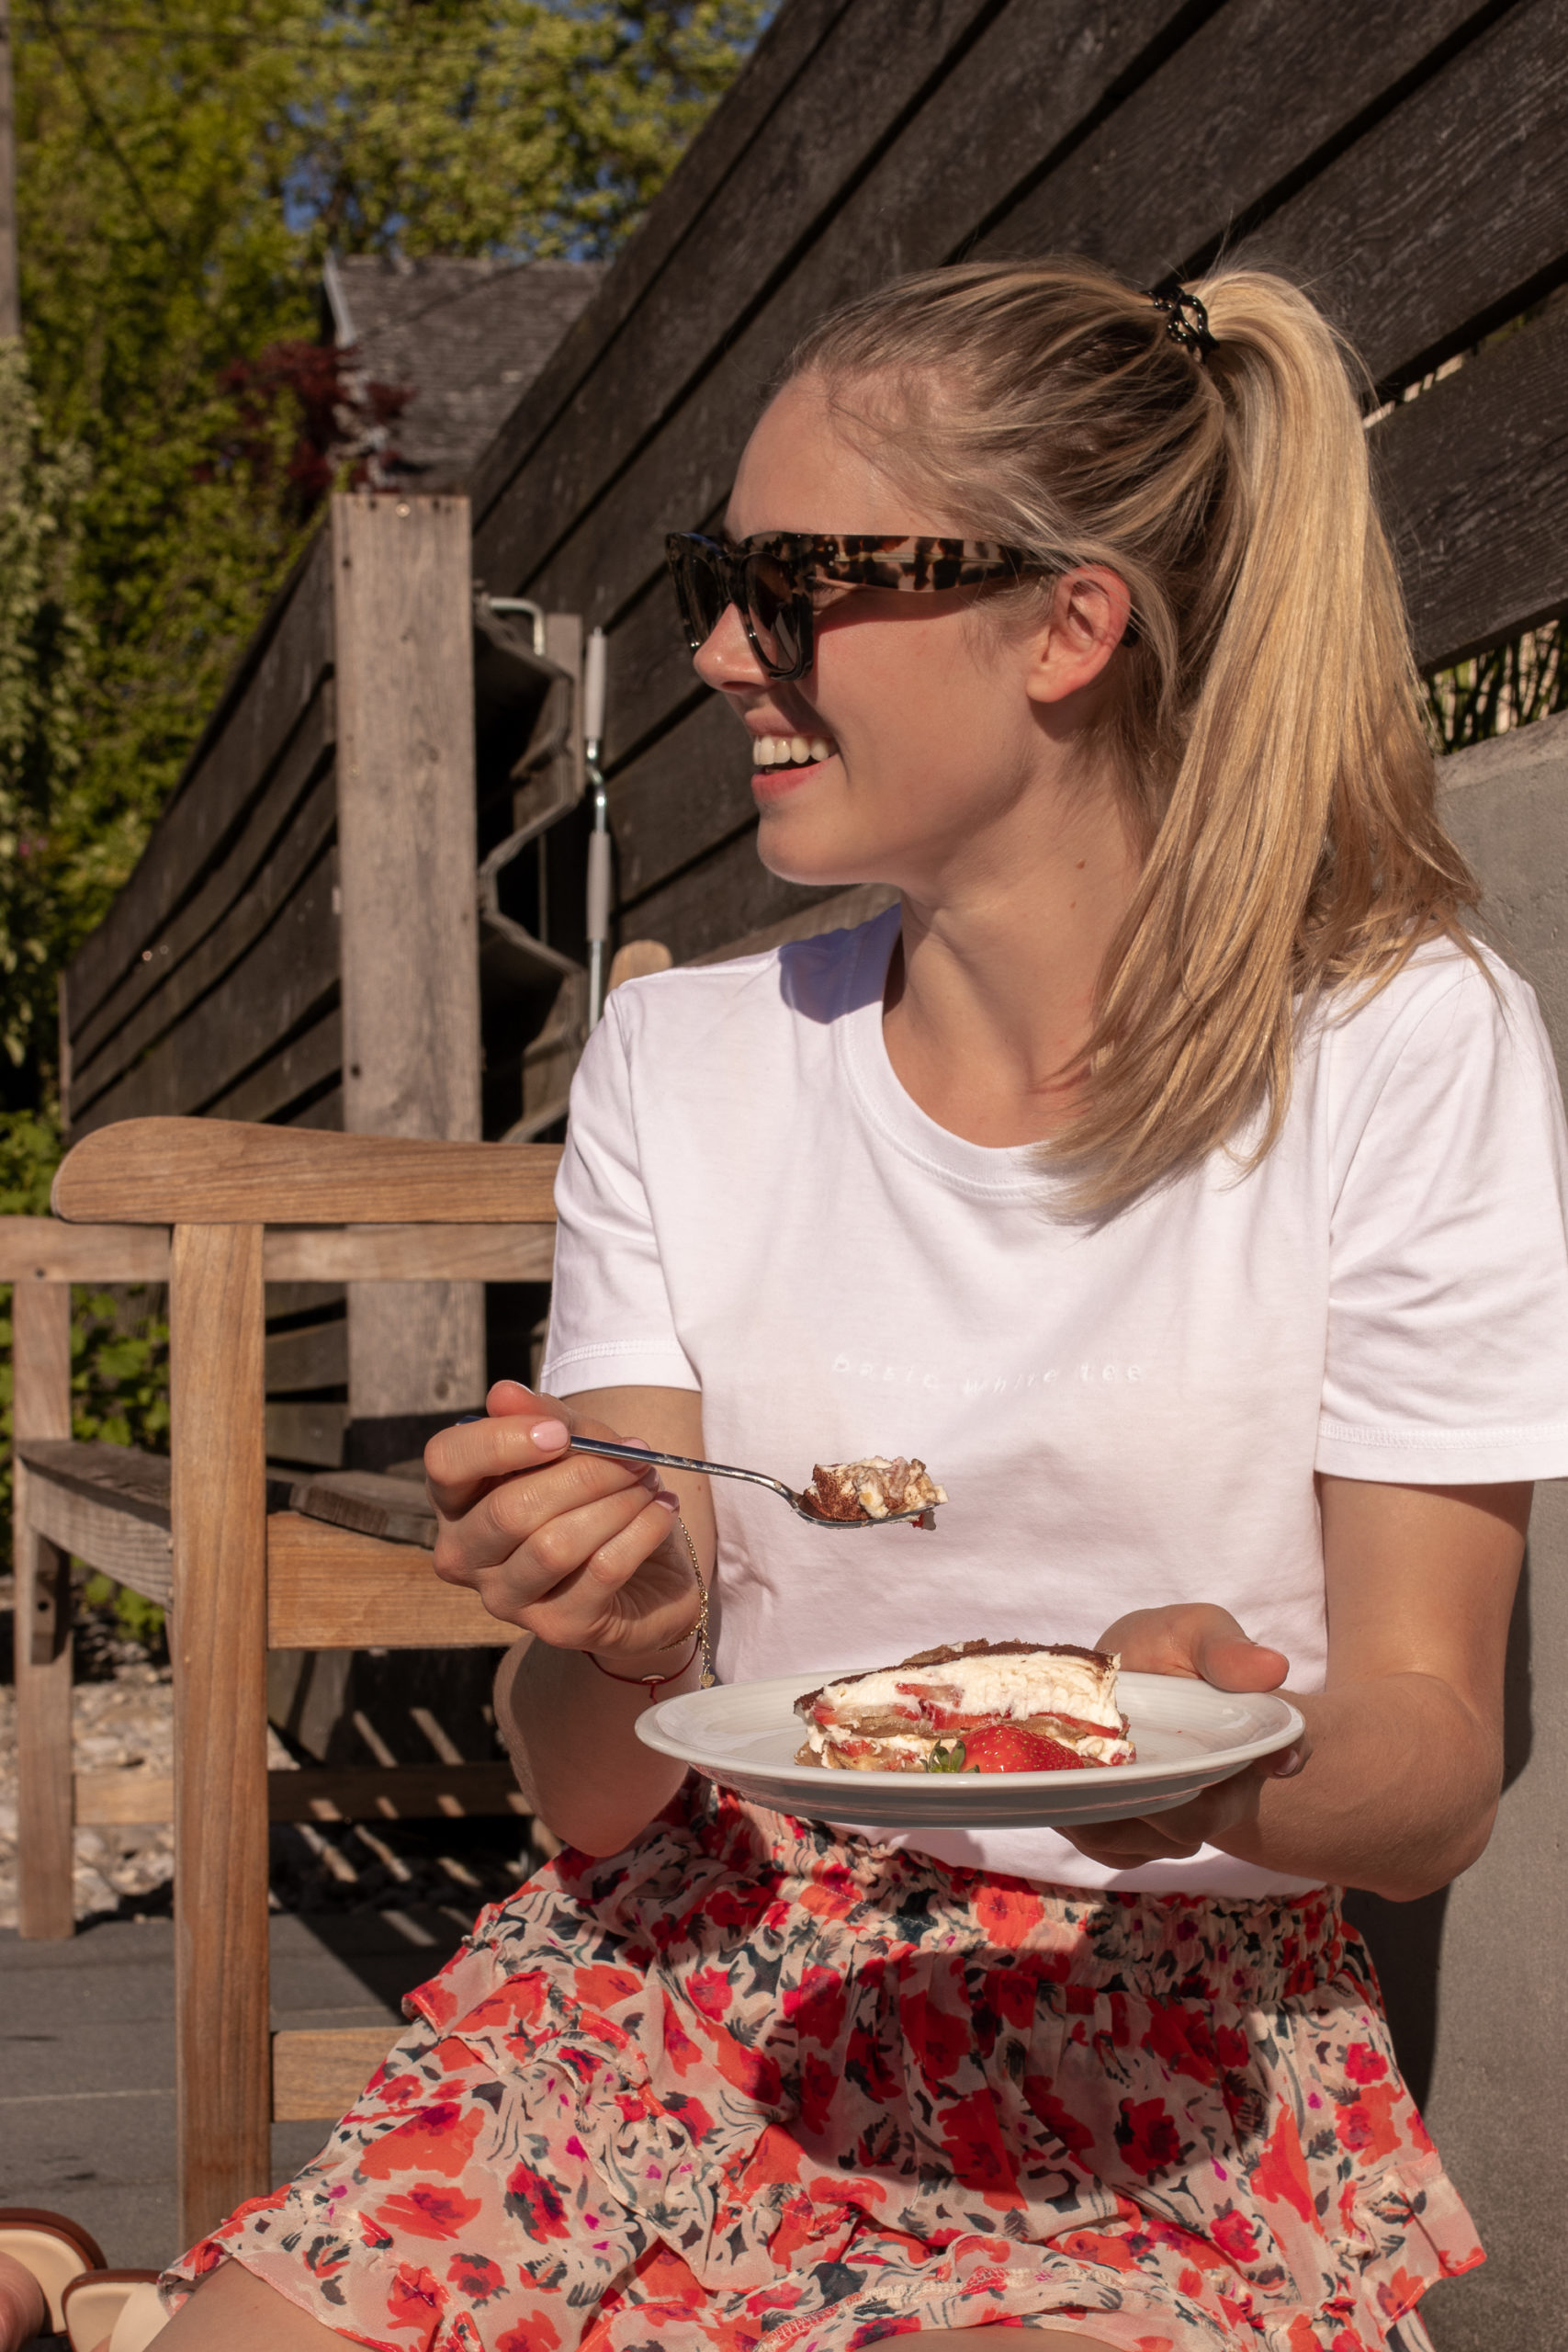 Rezept: Erdbeer-Tiramisu ohne Ei auf dem österreichischen Lifestyle Blog Bits and Bobs by Eva. Mehr Food auf www.bitsandbobsbyeva.com